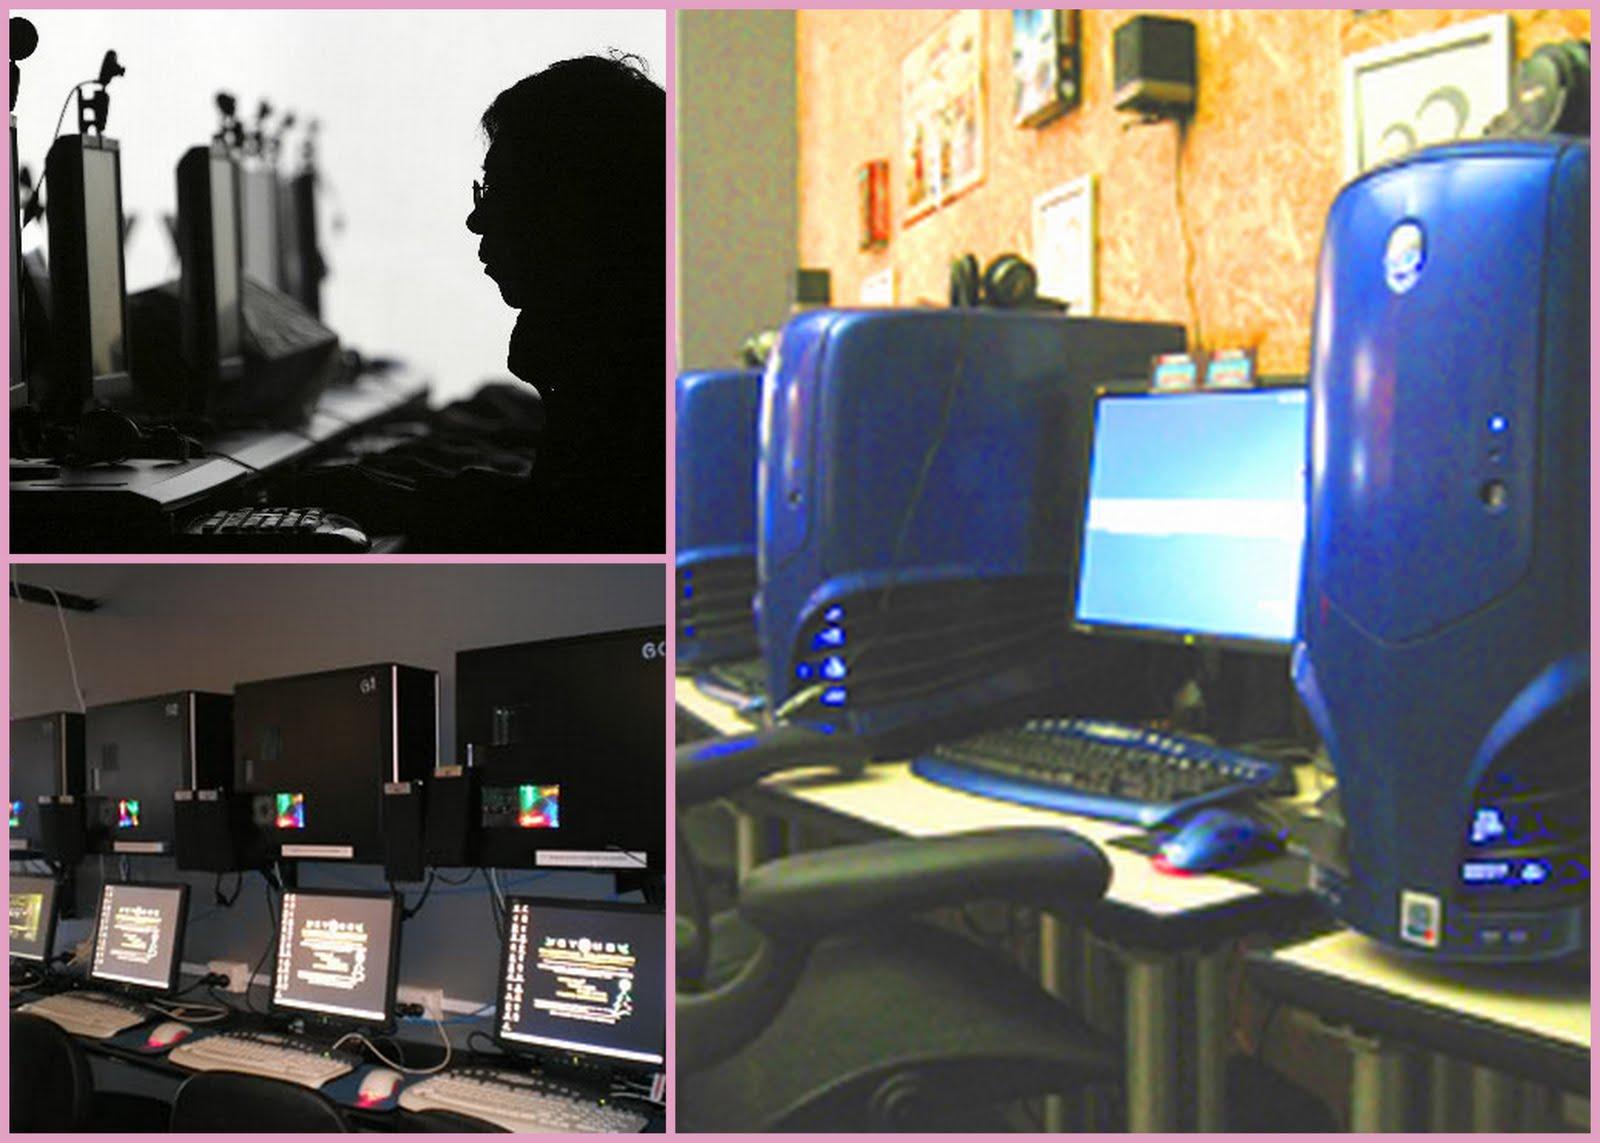 Internet cafe gaming / Levinfurniture com